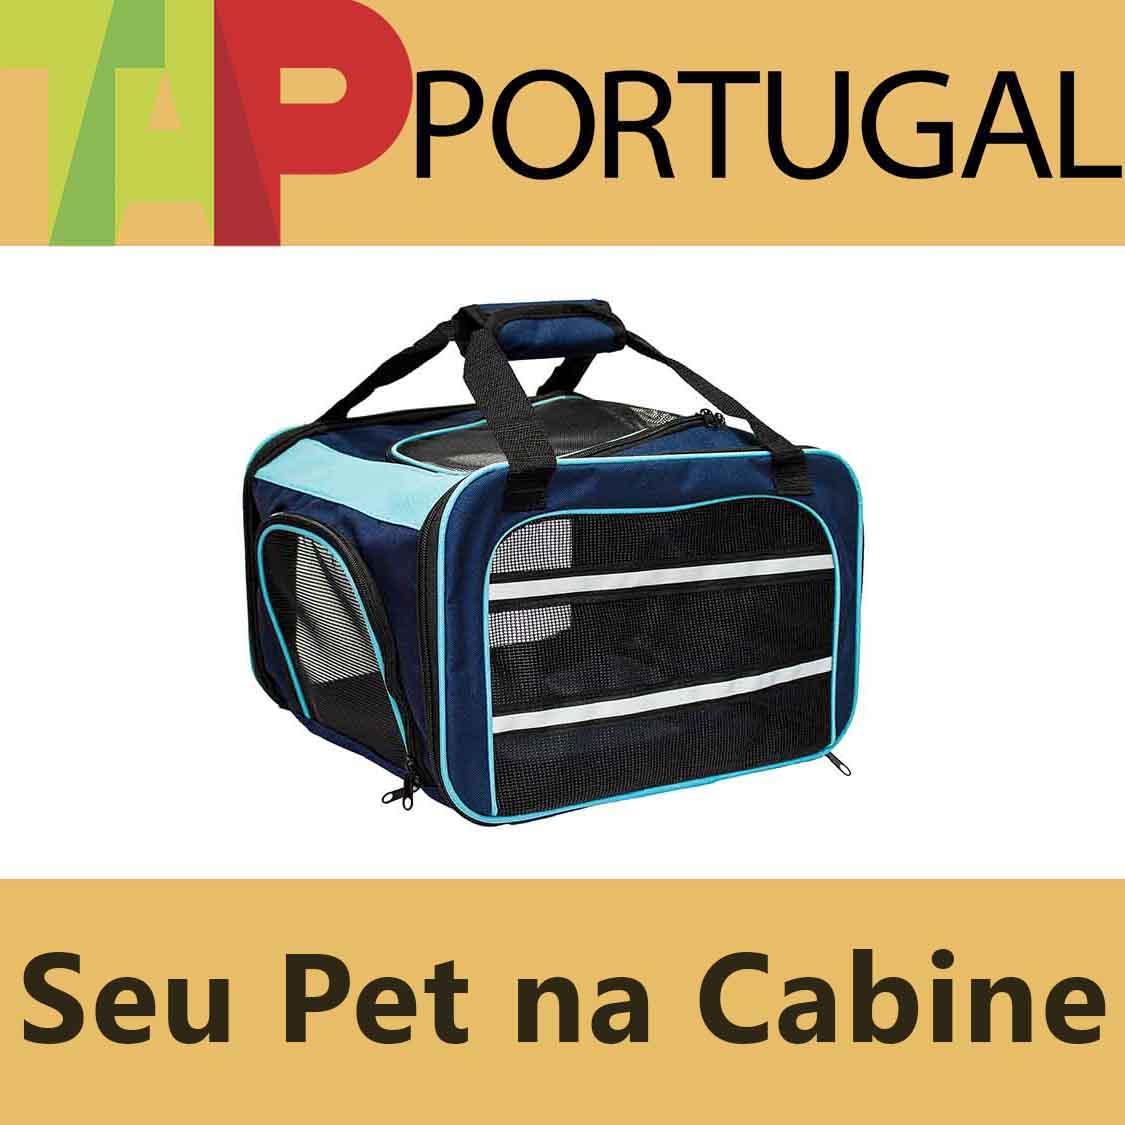 Bolsa para Transportar seu Pet na Cabine do Avião - Cia TAP Portugal  - Eleva Mundi - (Cor Azul)